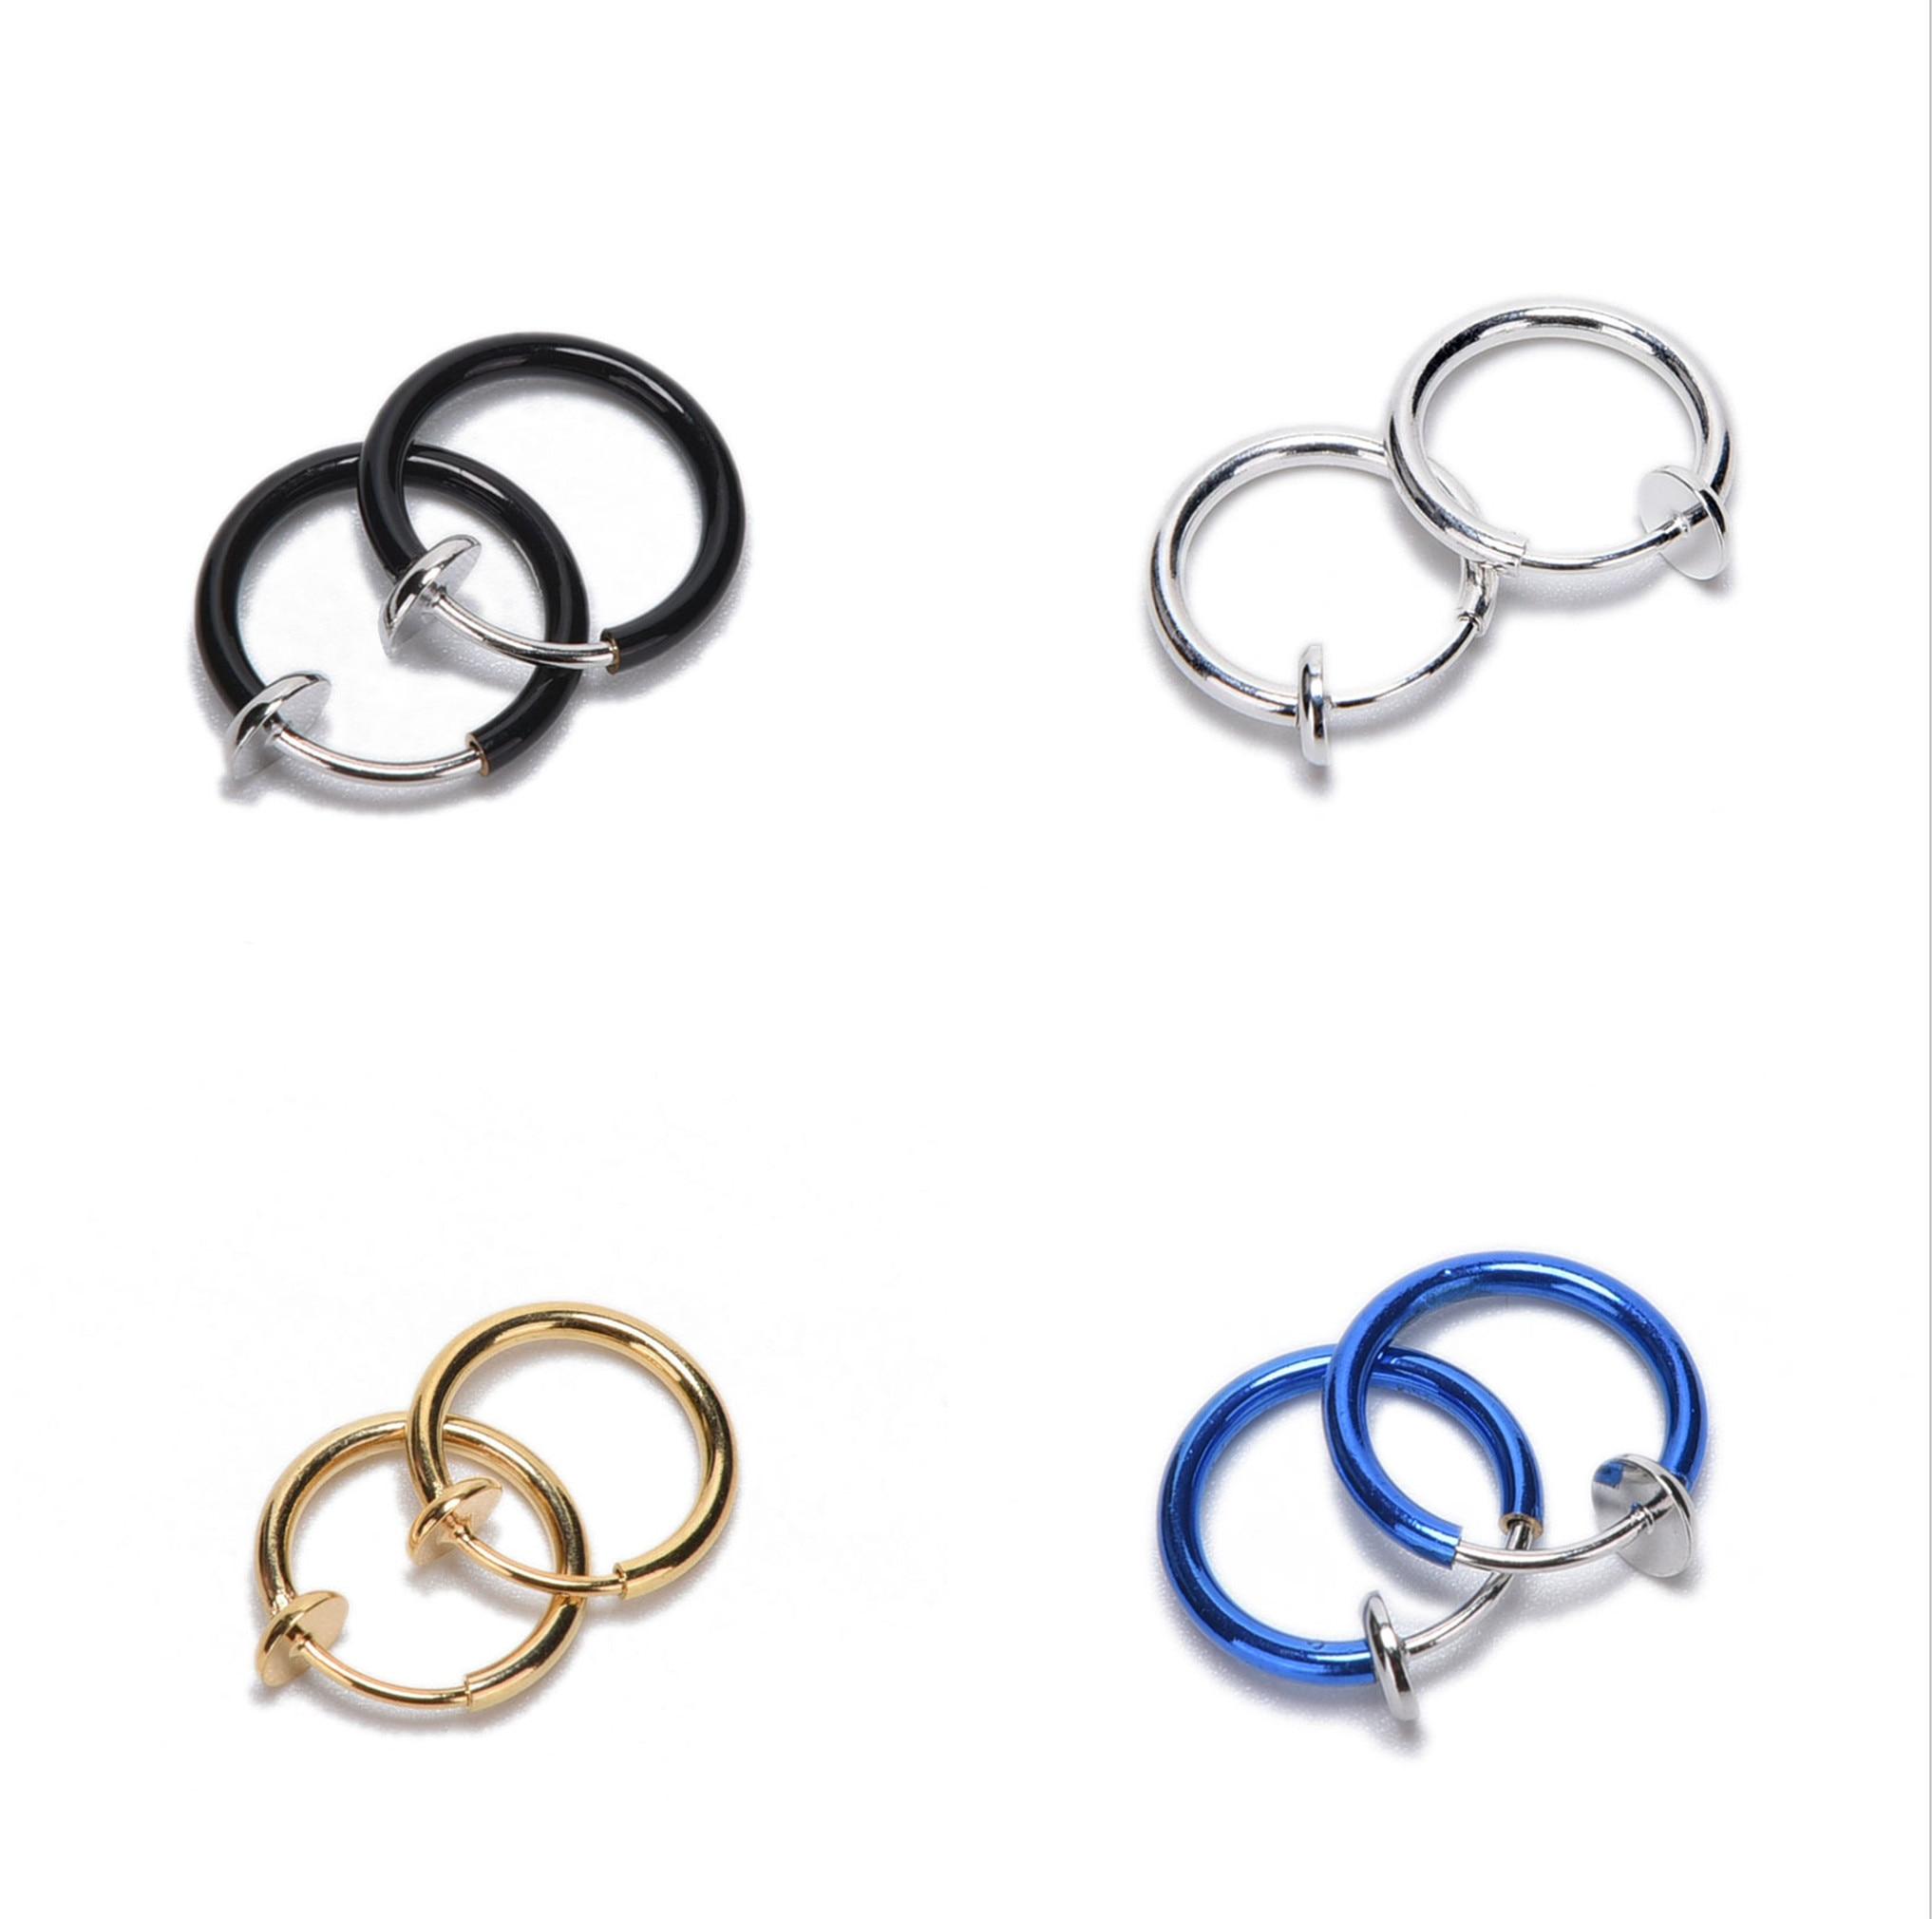 8x Rhinestone titanium body jewelry navel ring T1